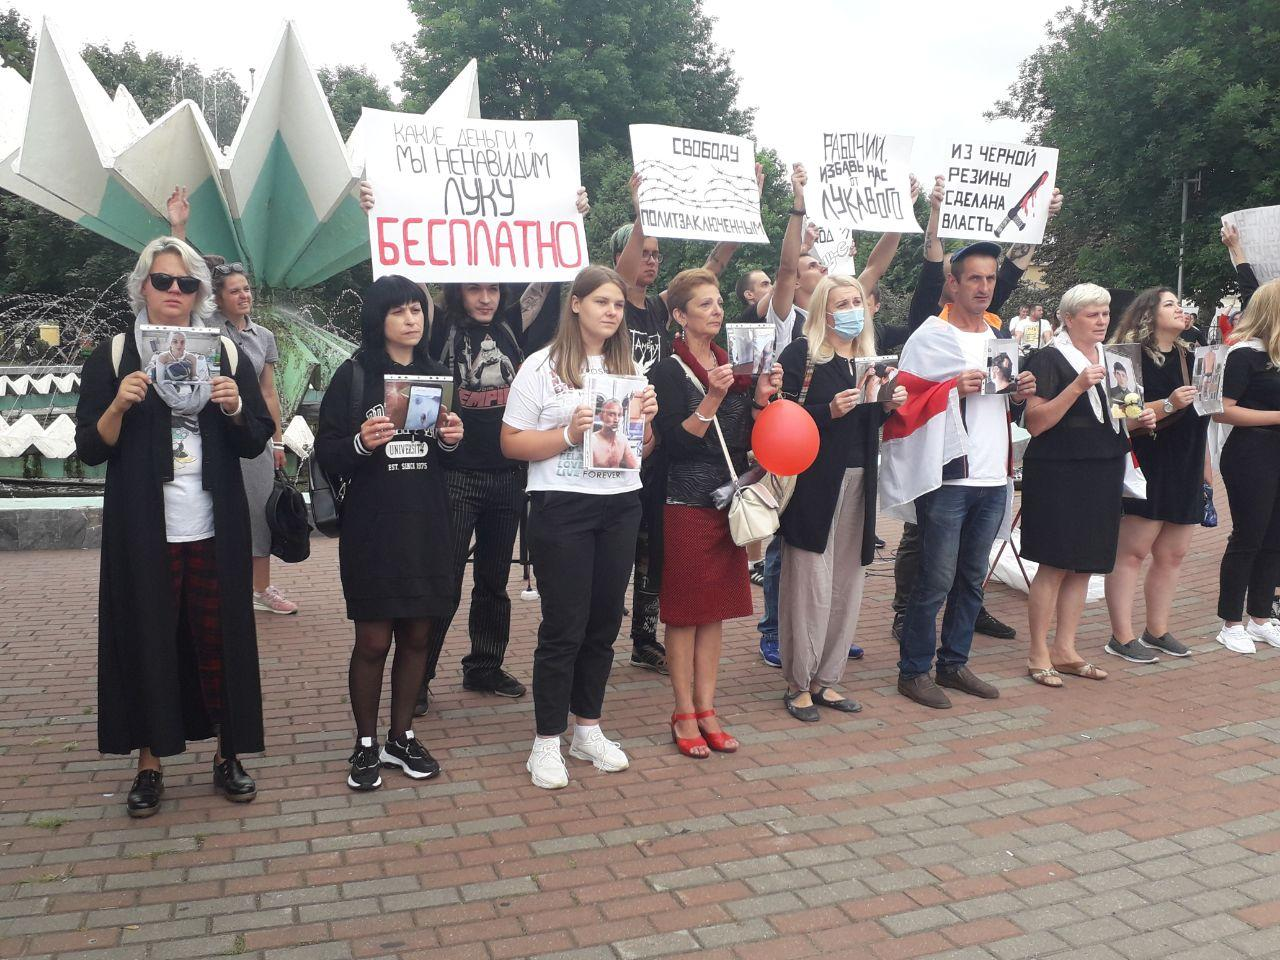 23 августа. Протестующие в Барановичах с фотографиями избитых людей. Фото: Intex-press